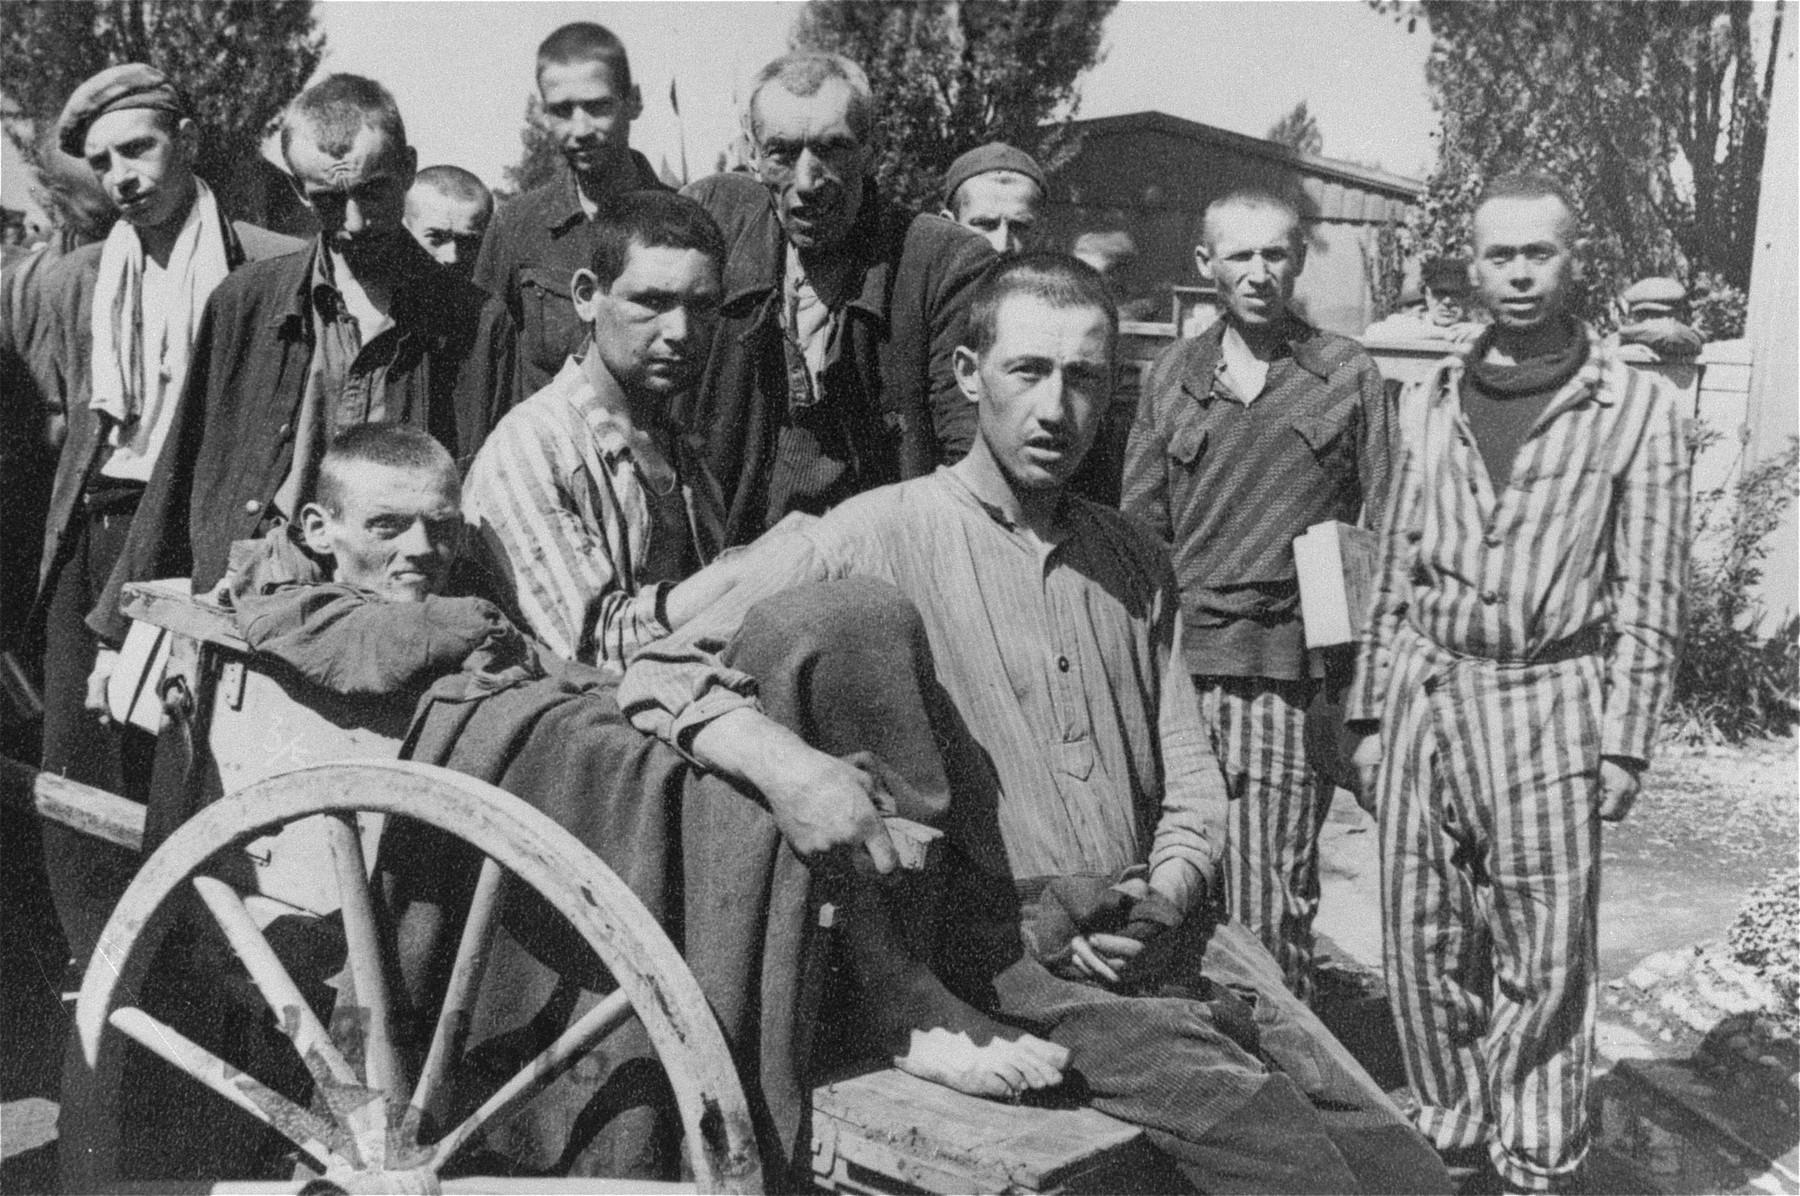 Survivors in Dachau.